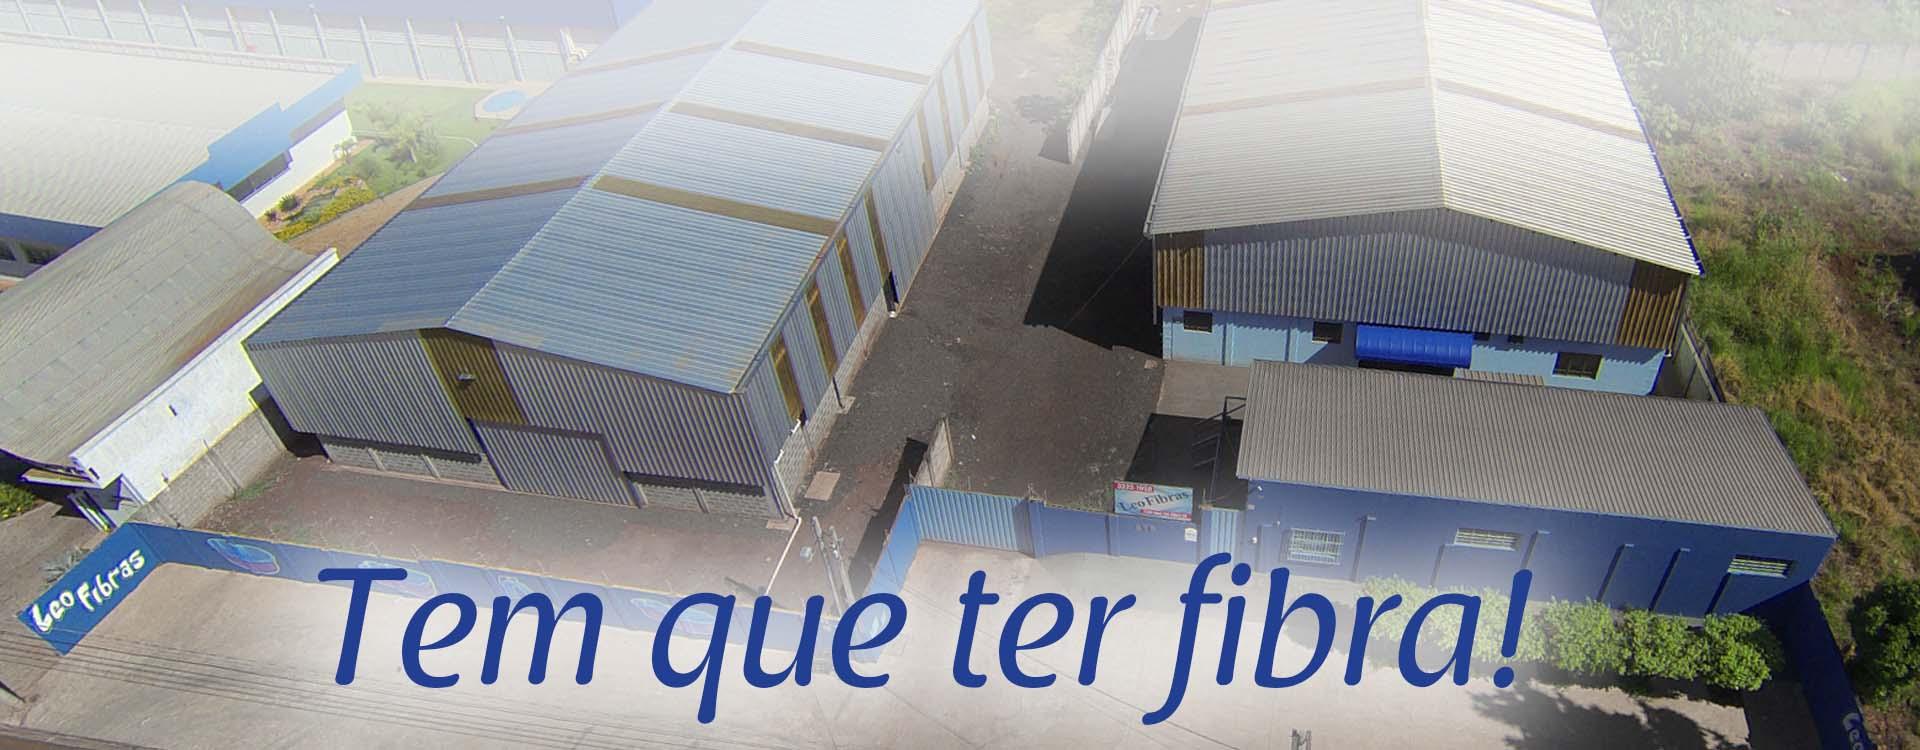 banner-leo-fibras-1-2-2